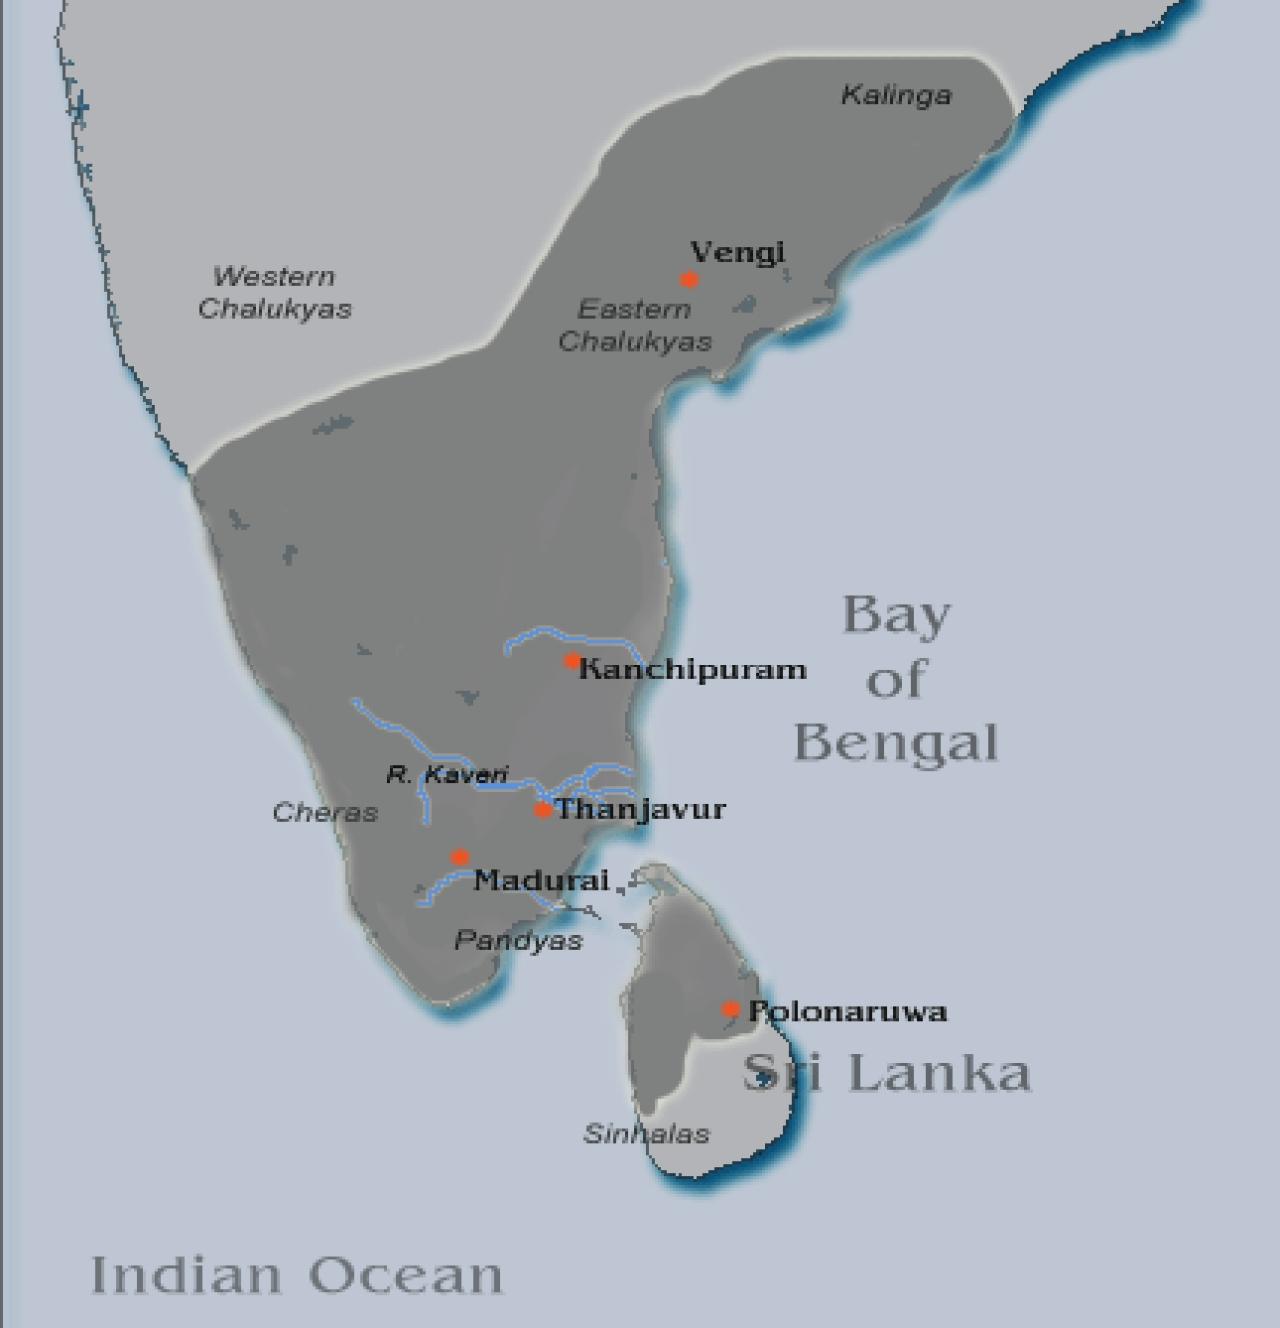 Rajaraja Chola's Empire (Wikimedia Commons)